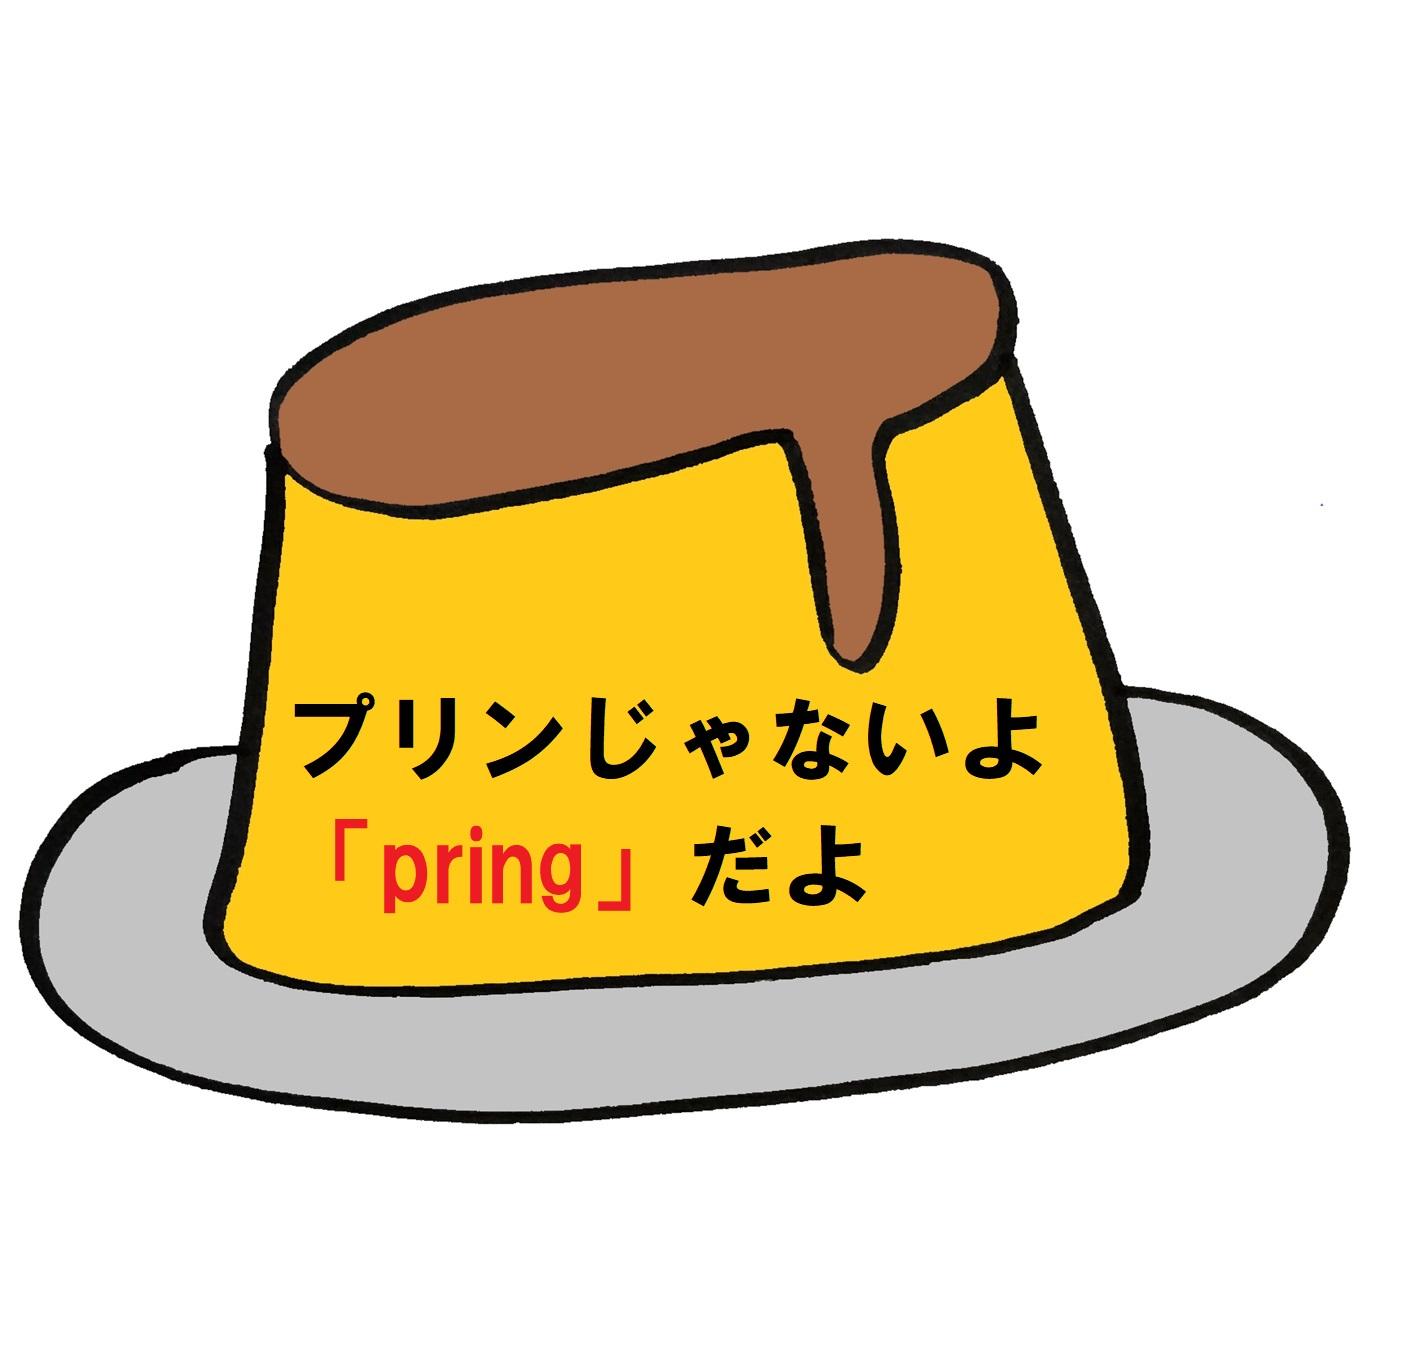 プリン(pring)の特徴や使い方まとめ【提携ポイントサイト一覧】